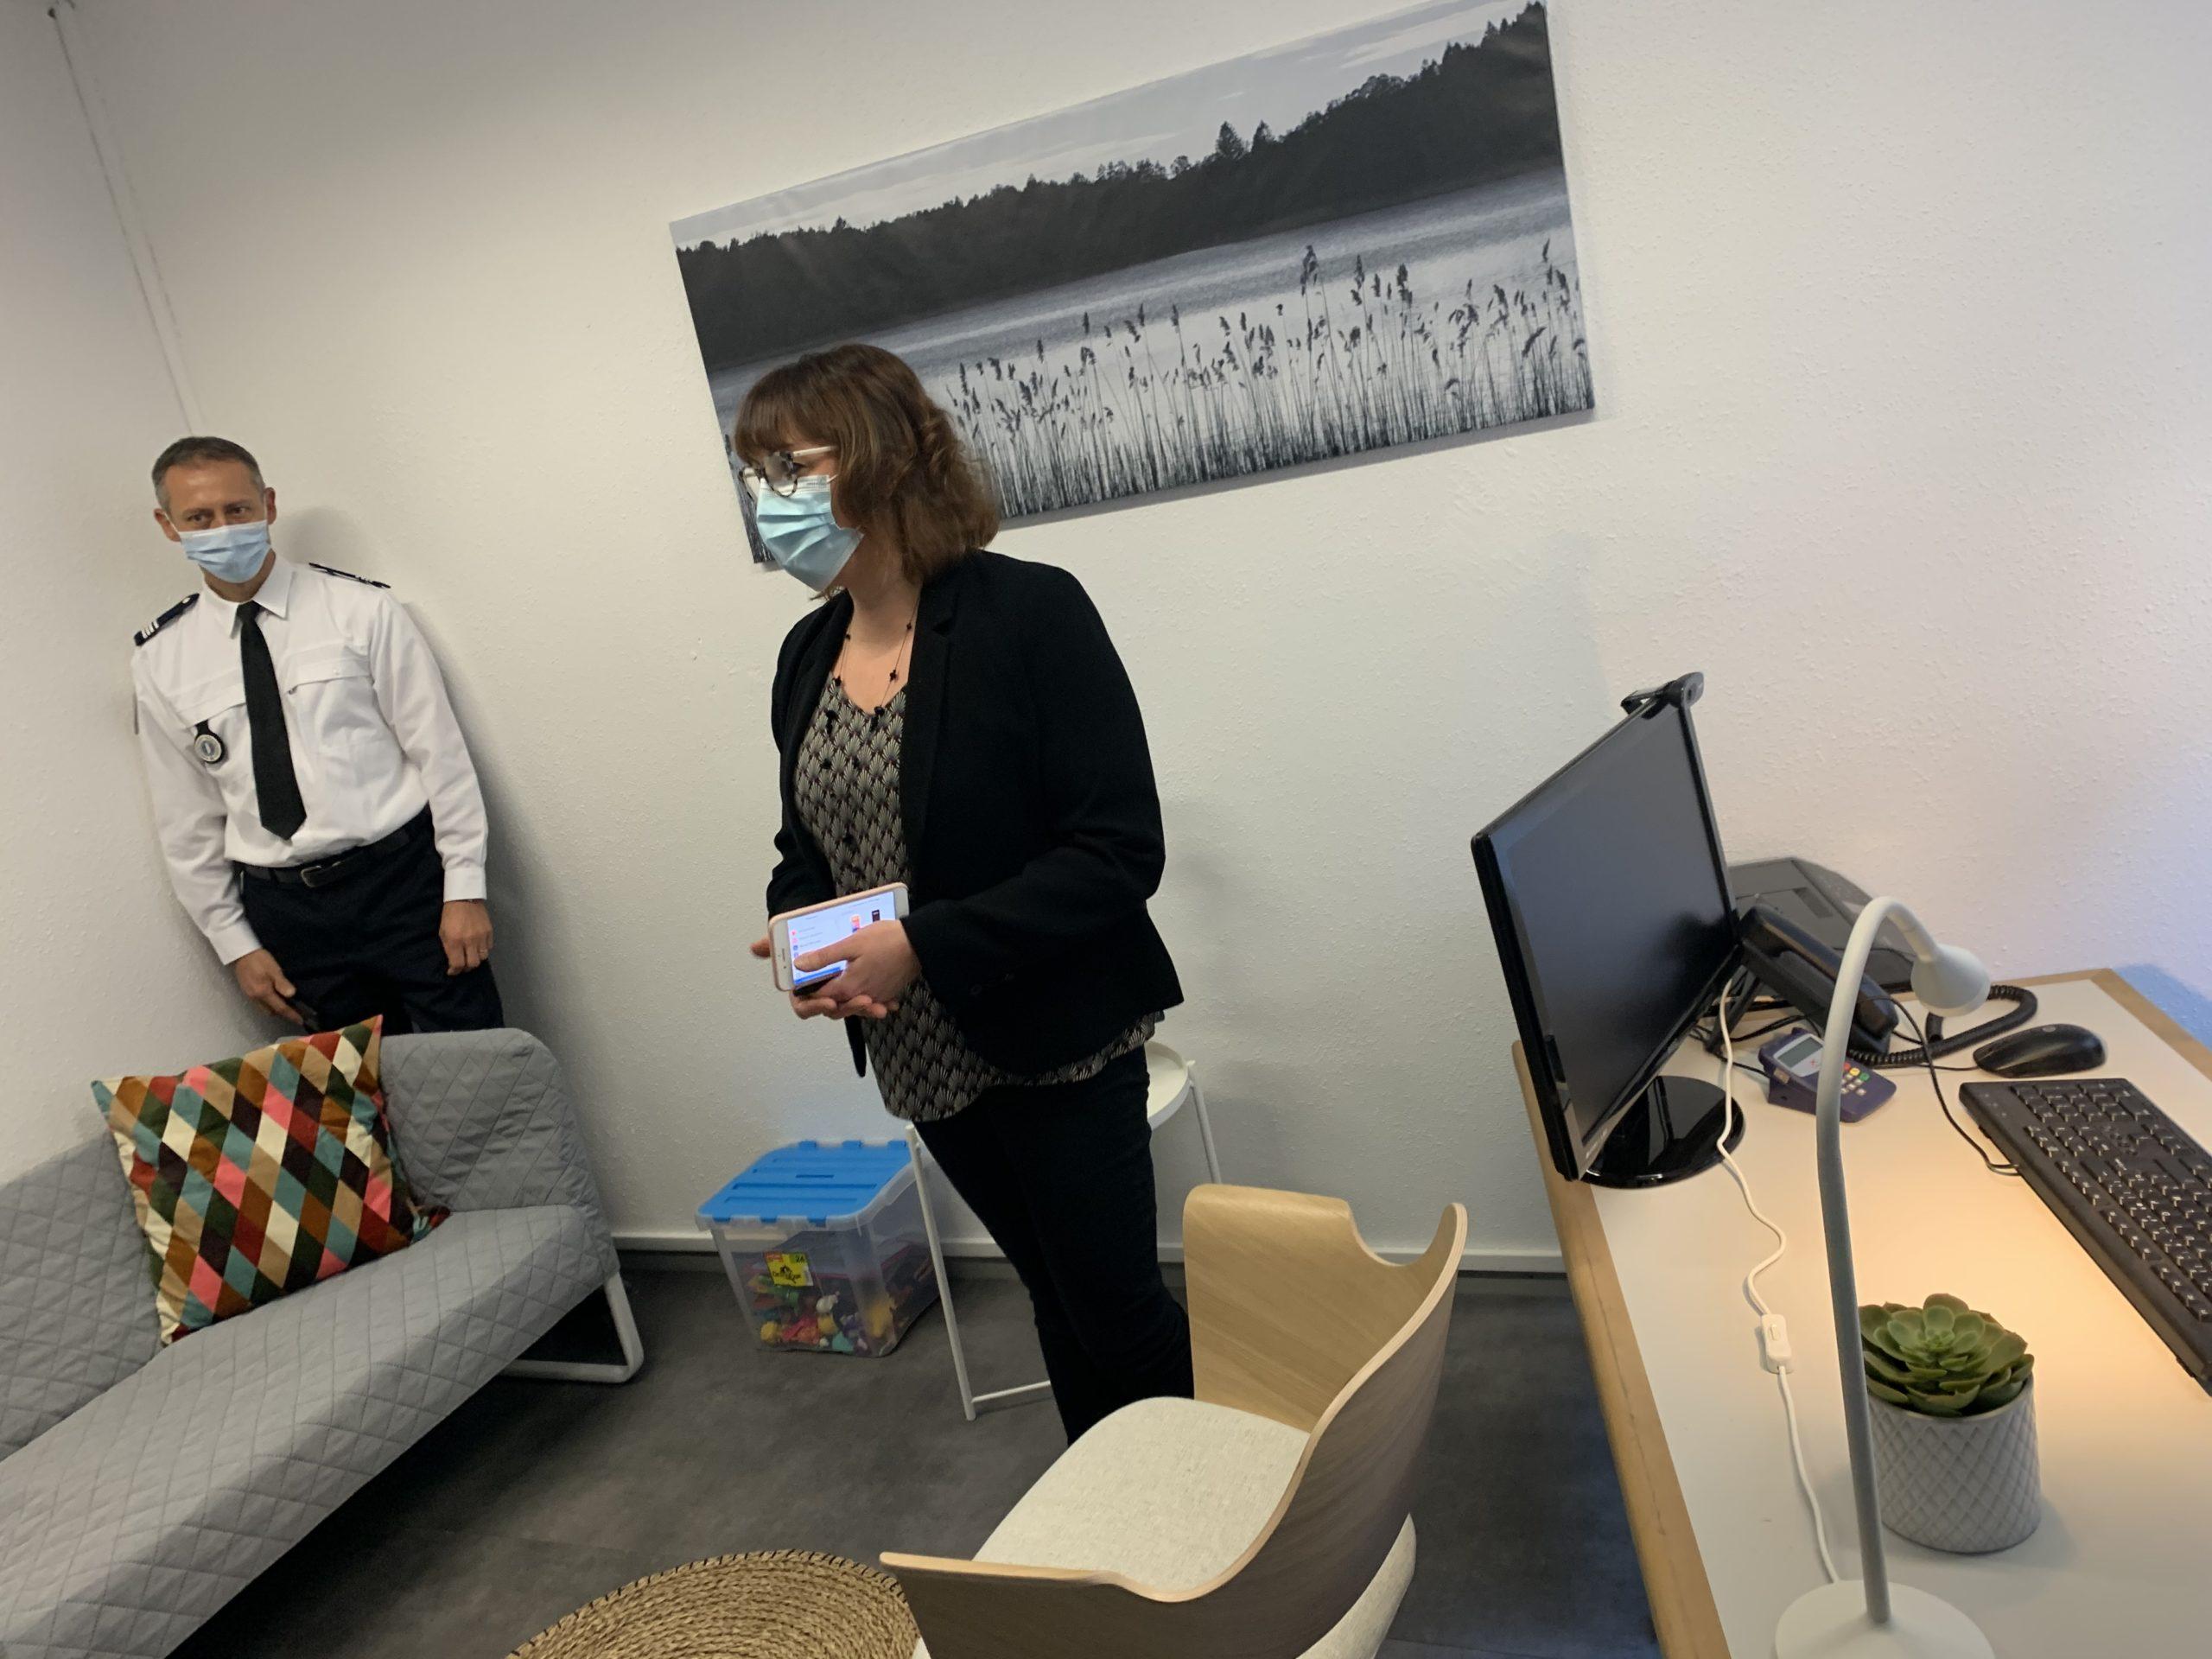 Le commissariat de police de Belfort a aménagé un nouvel espace pour accueillir les victimes de violences graves, notamment les femmes, particulièrement touchées par les violences conjugales.